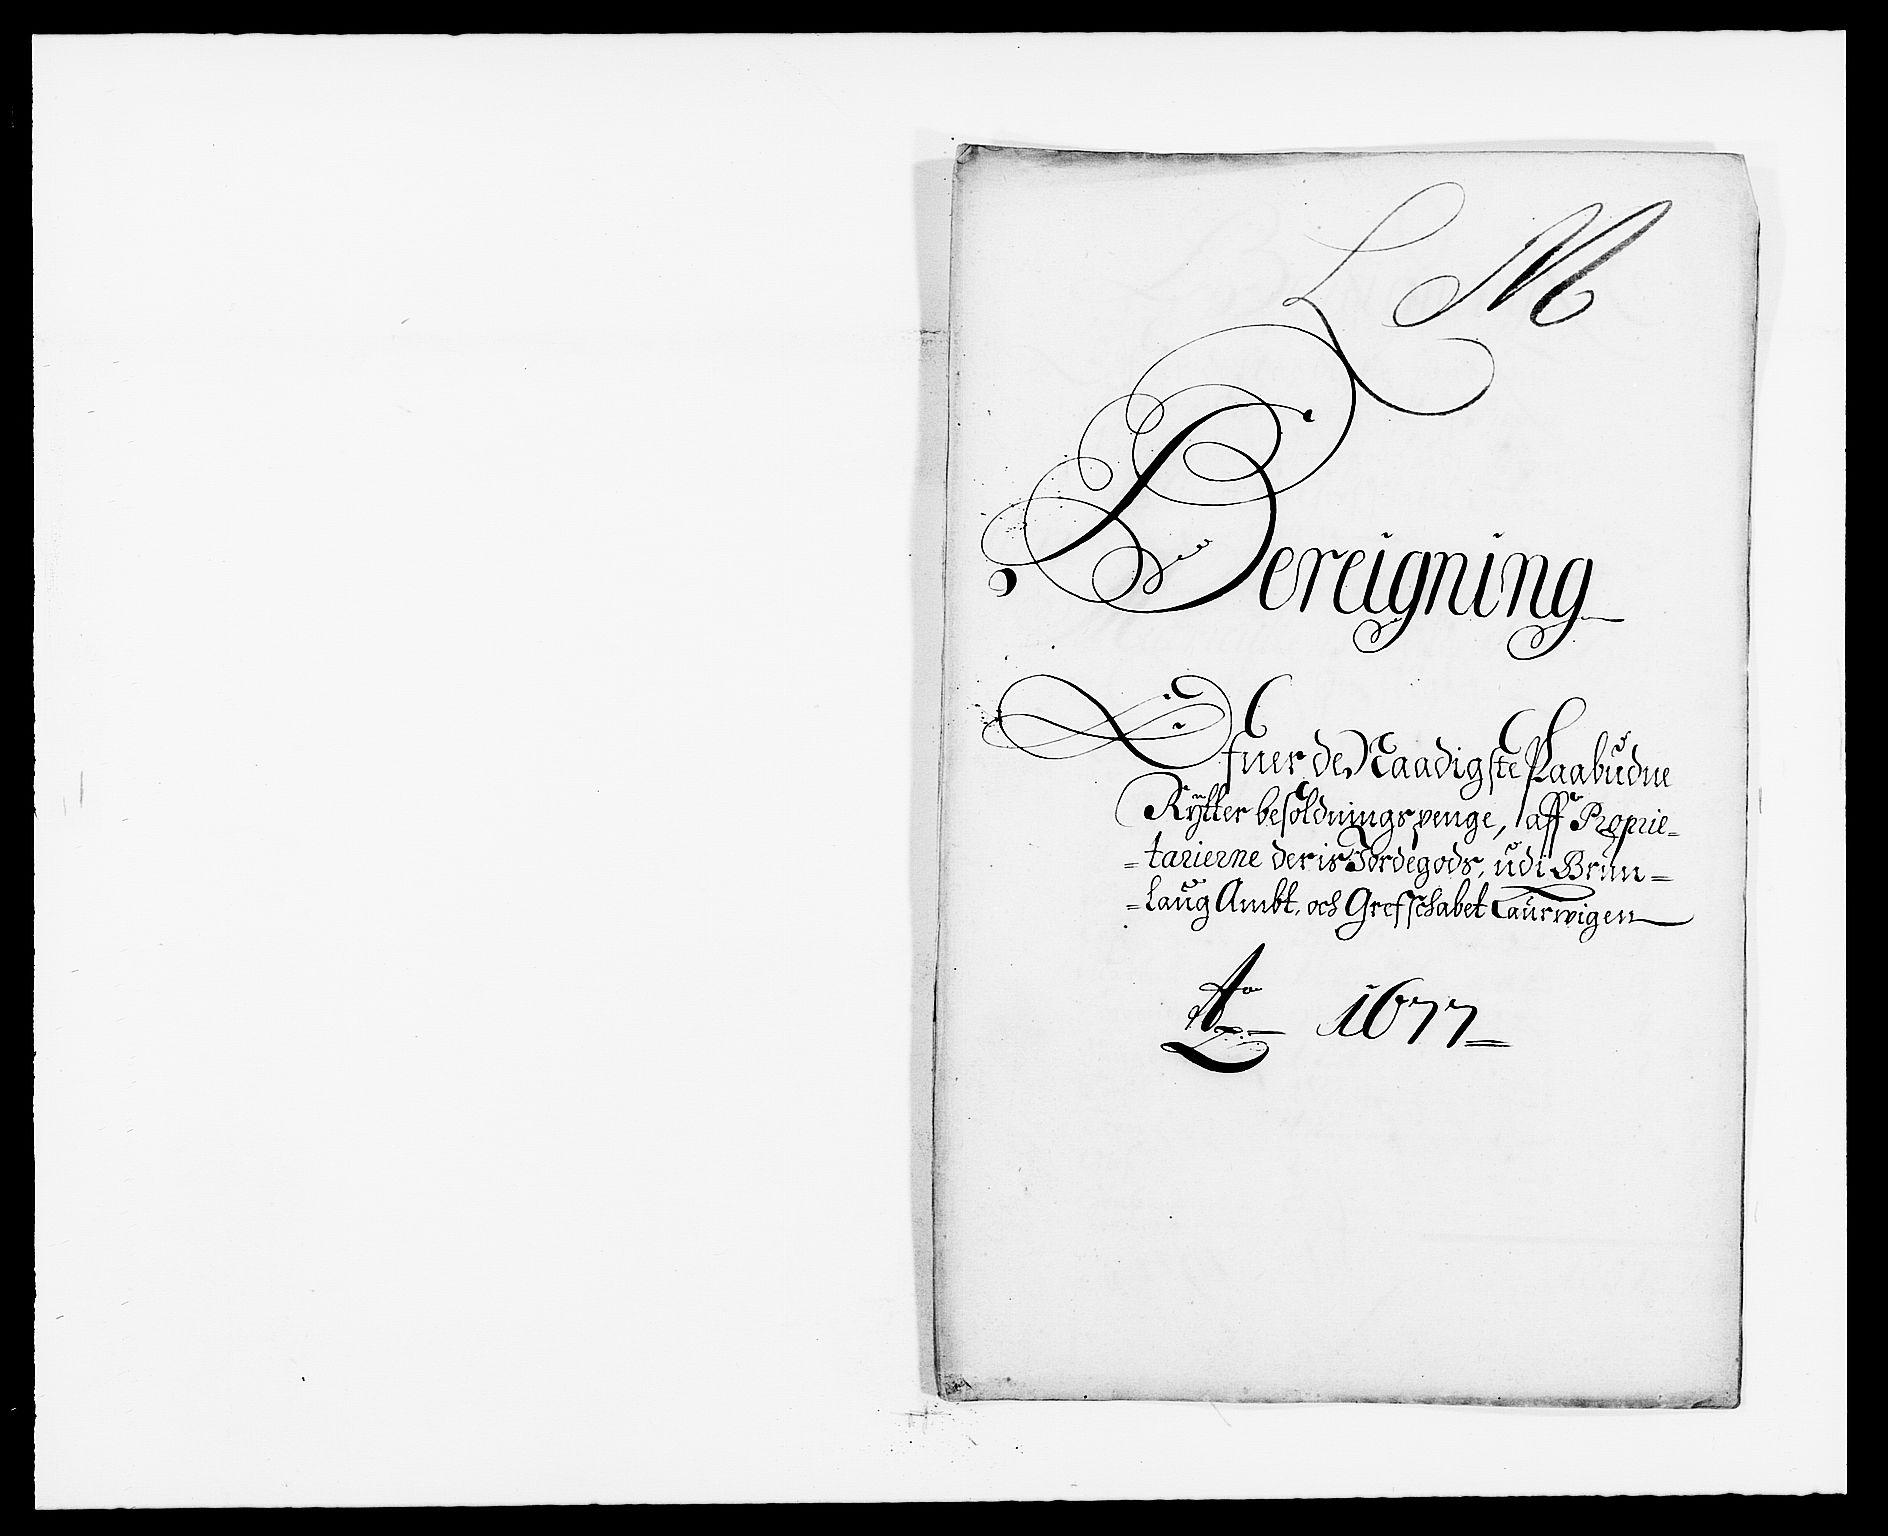 RA, Rentekammeret inntil 1814, Reviderte regnskaper, Fogderegnskap, R33/L1968: Fogderegnskap Larvik grevskap, 1675-1687, s. 80